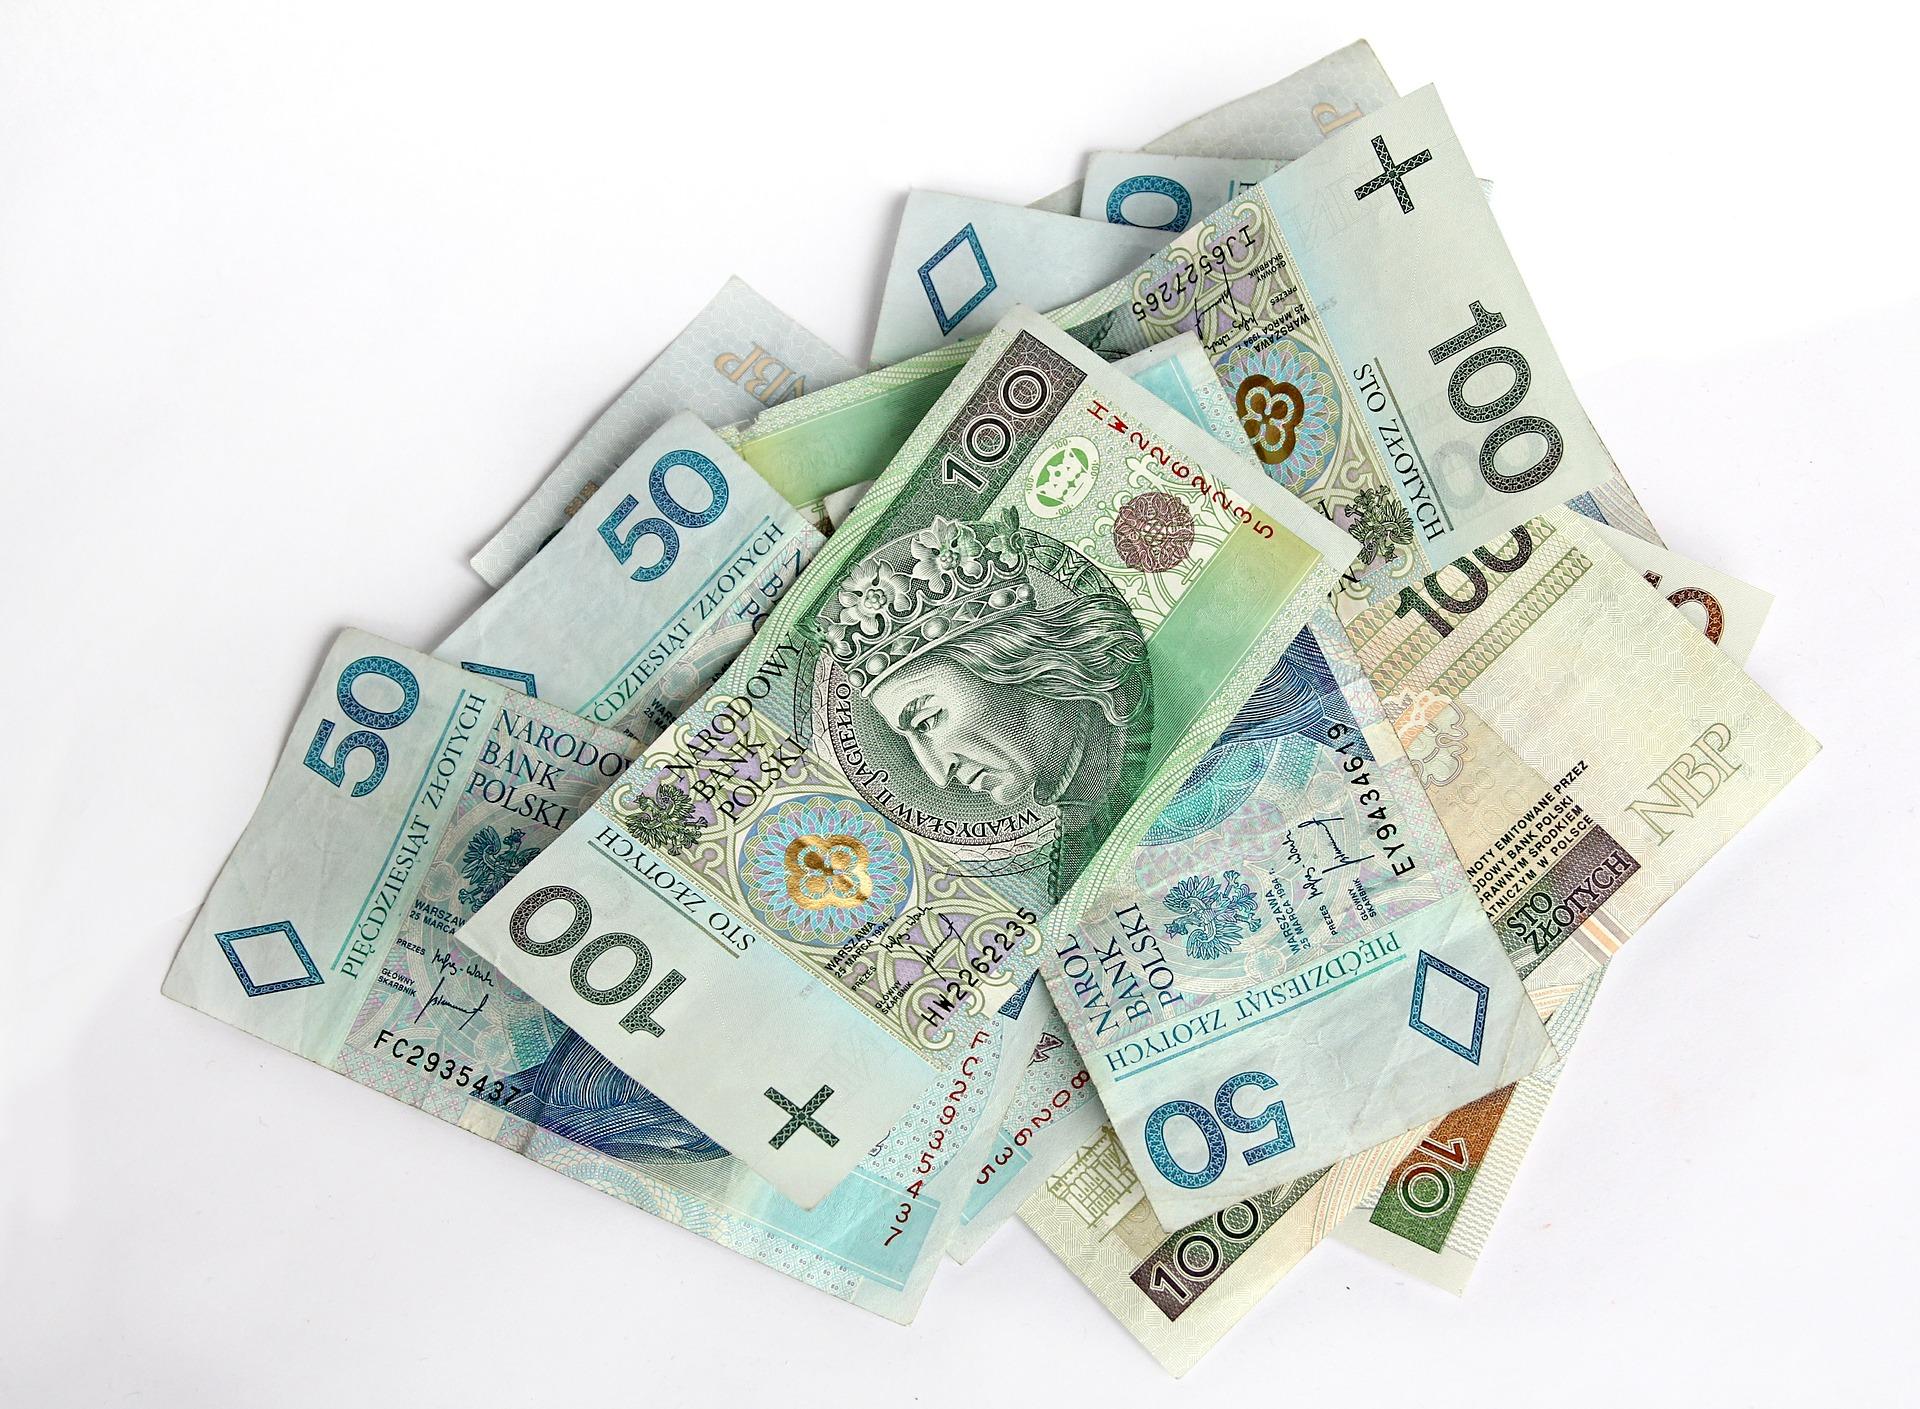 narzucanie wysokich cen - ochrona konkurencji i konsumentów